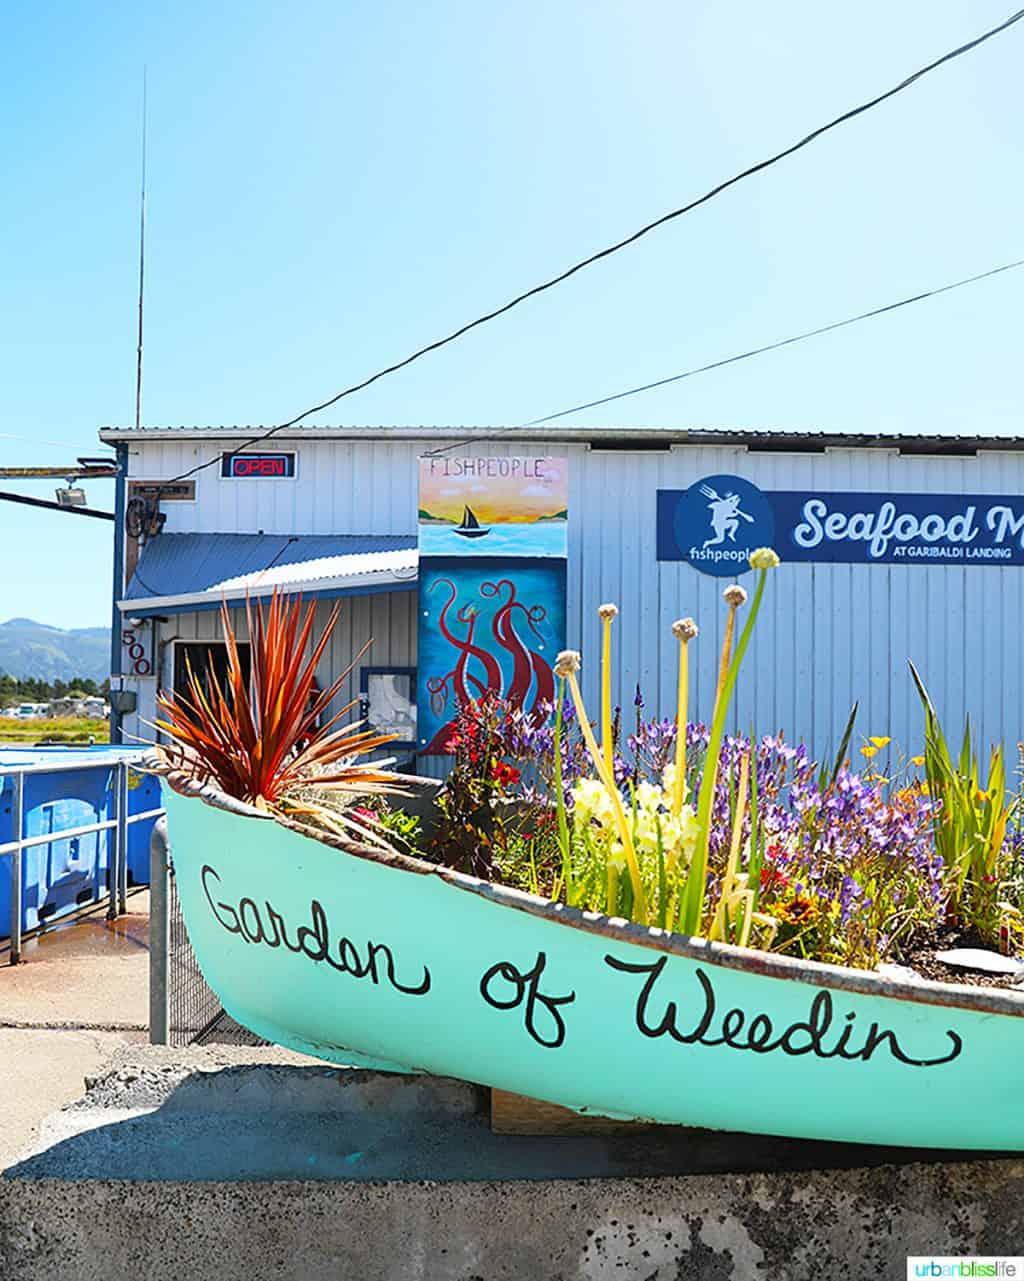 outside of Fishpeople Seafood Garibaldi, Oregon